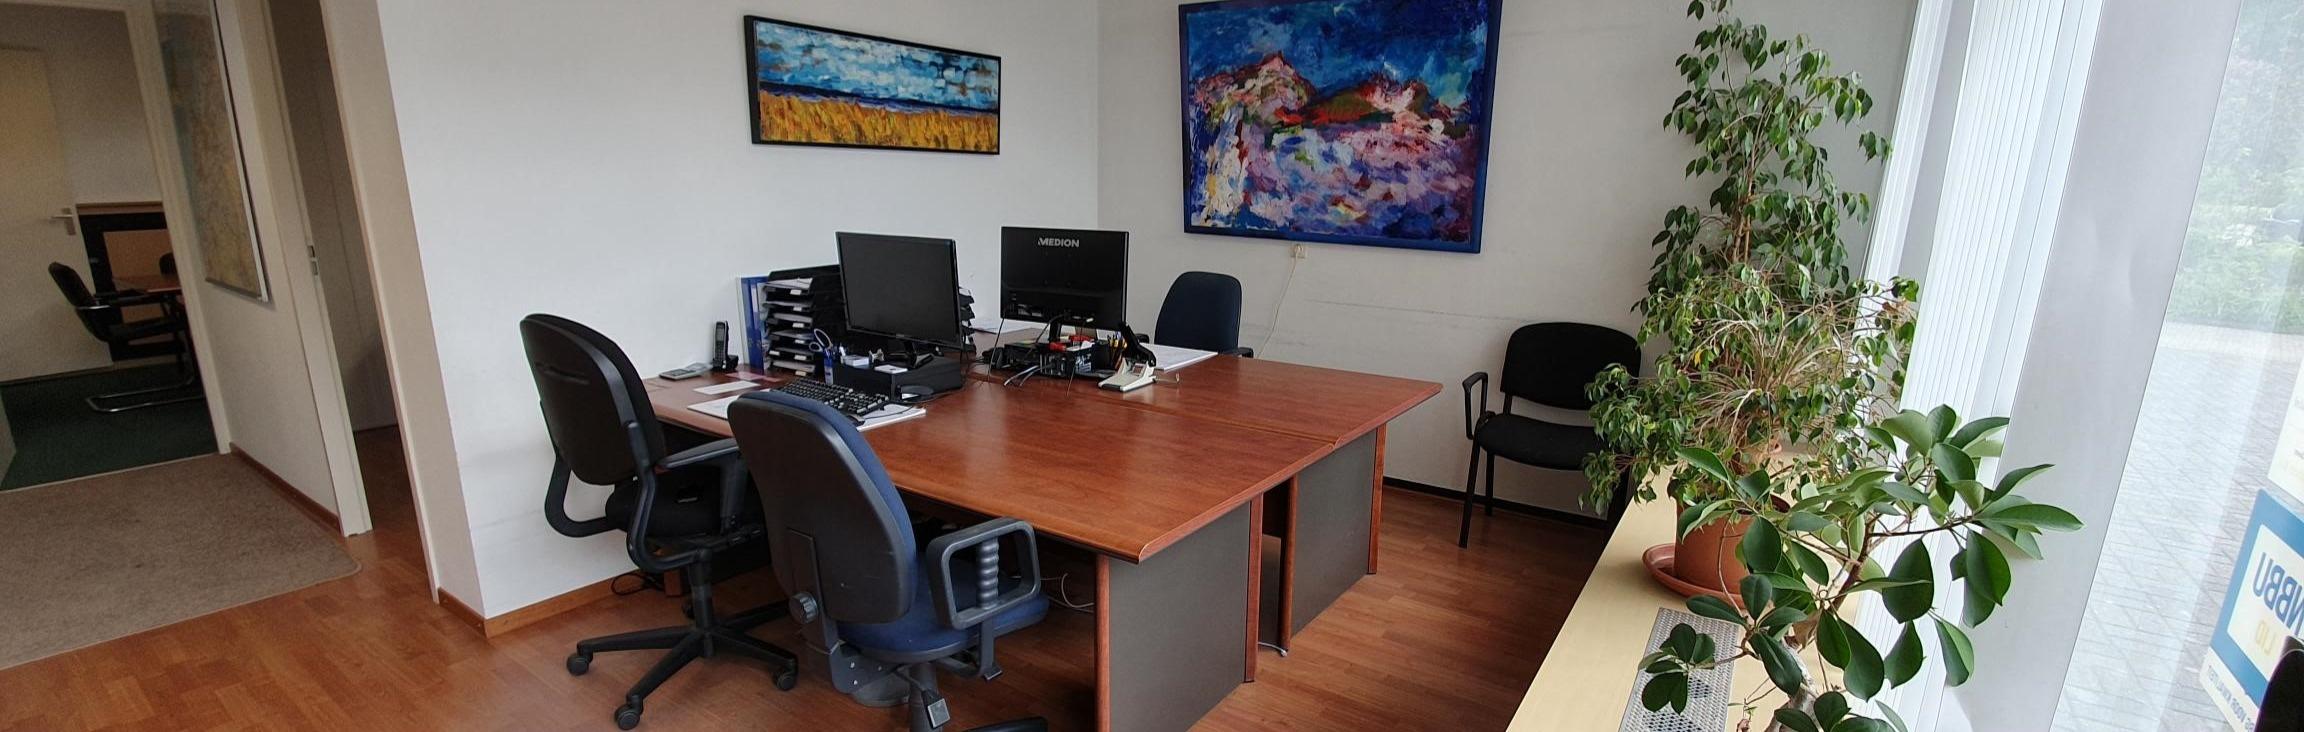 foto kantoor 3_edited.jpg